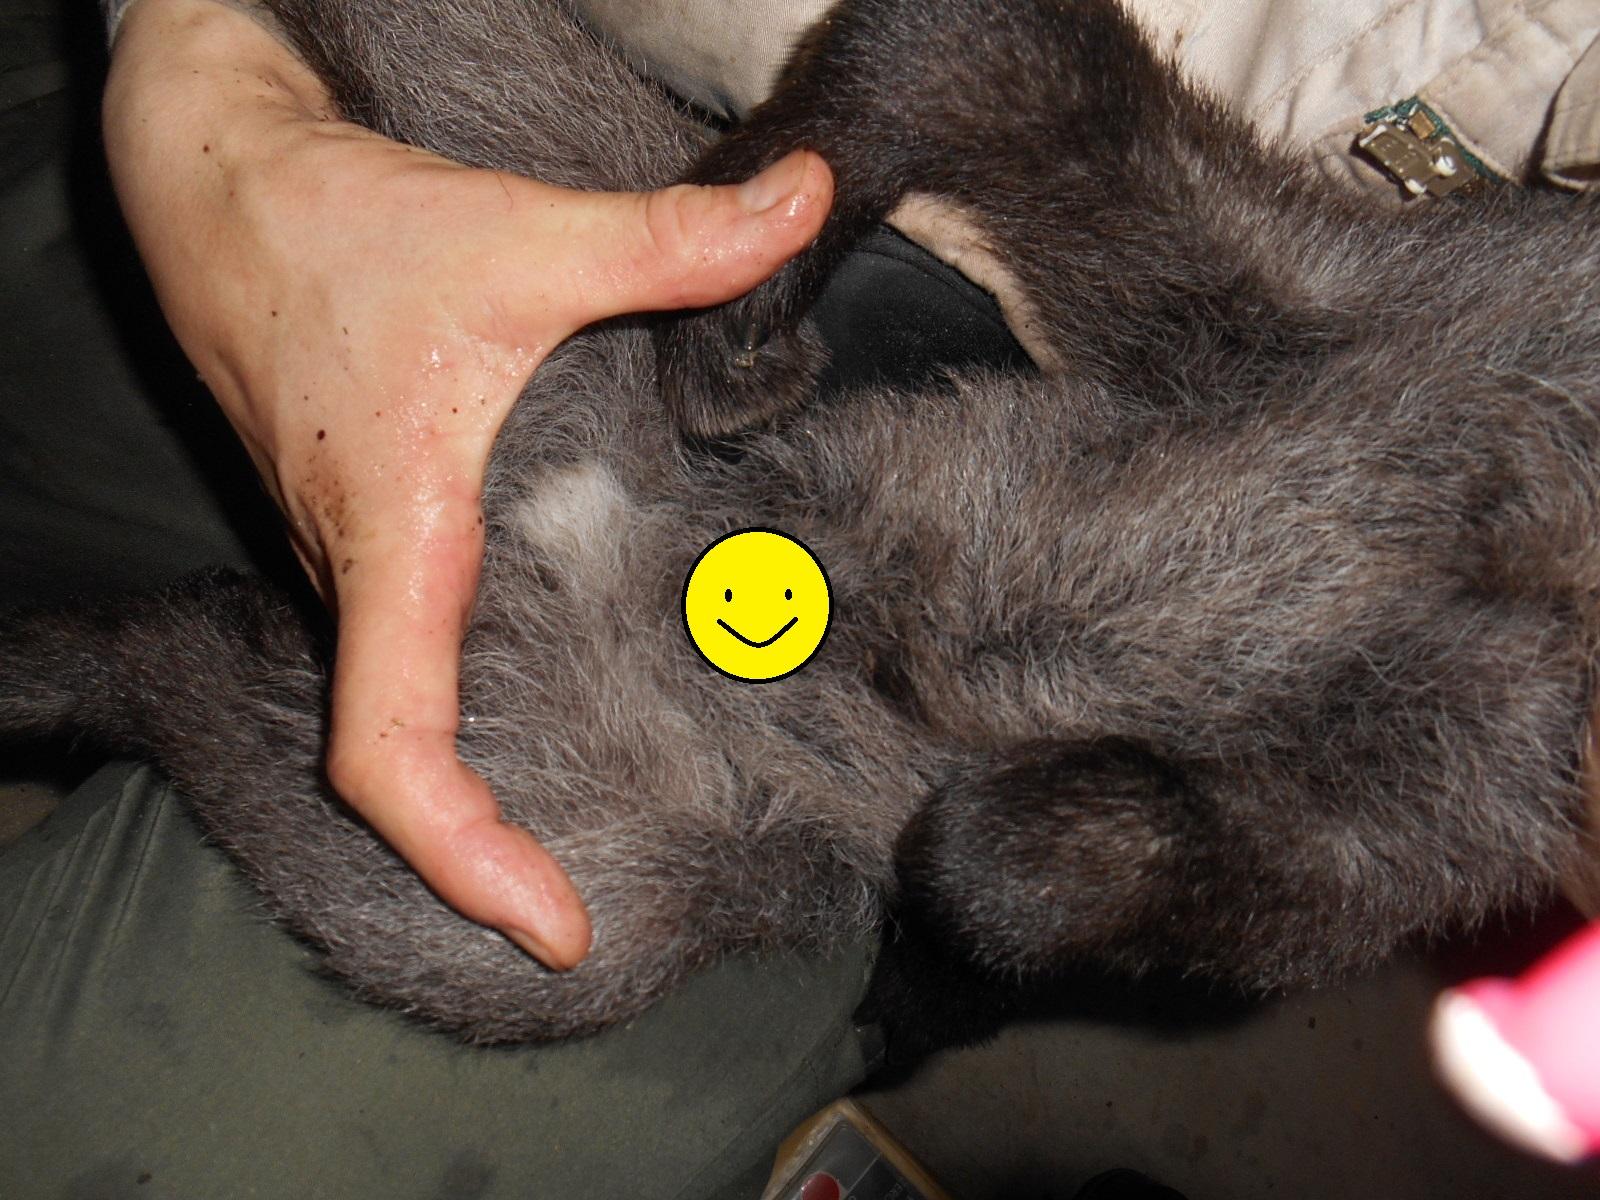 http://www.asazoo.jp/animal/blog/DSCN5690.JPG